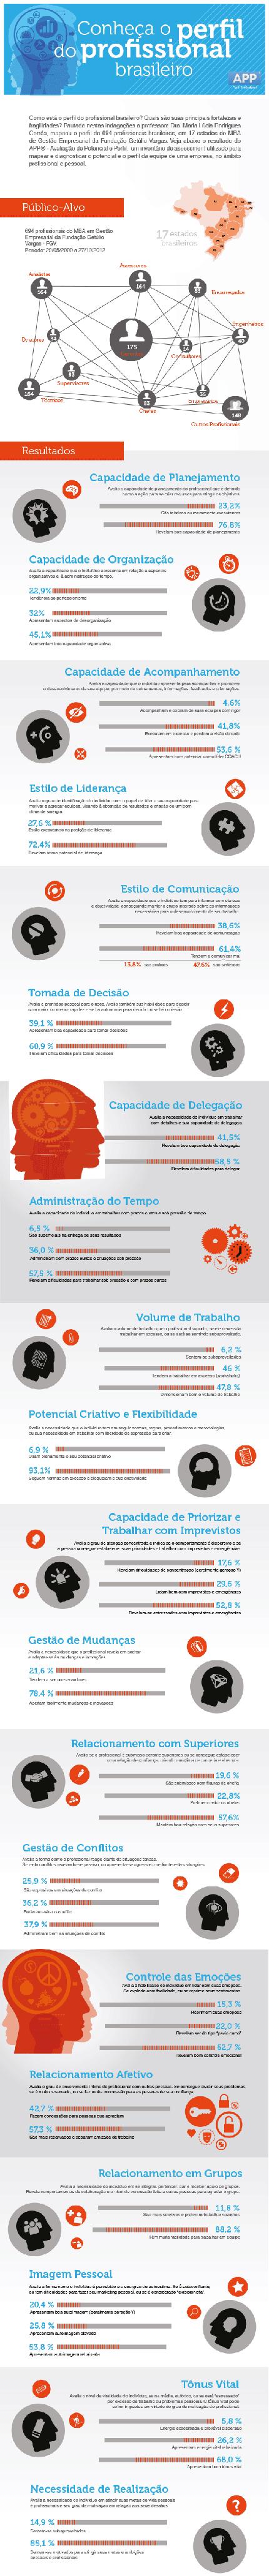 perfil-do-profissonal-brasileiro-inforgrafico2